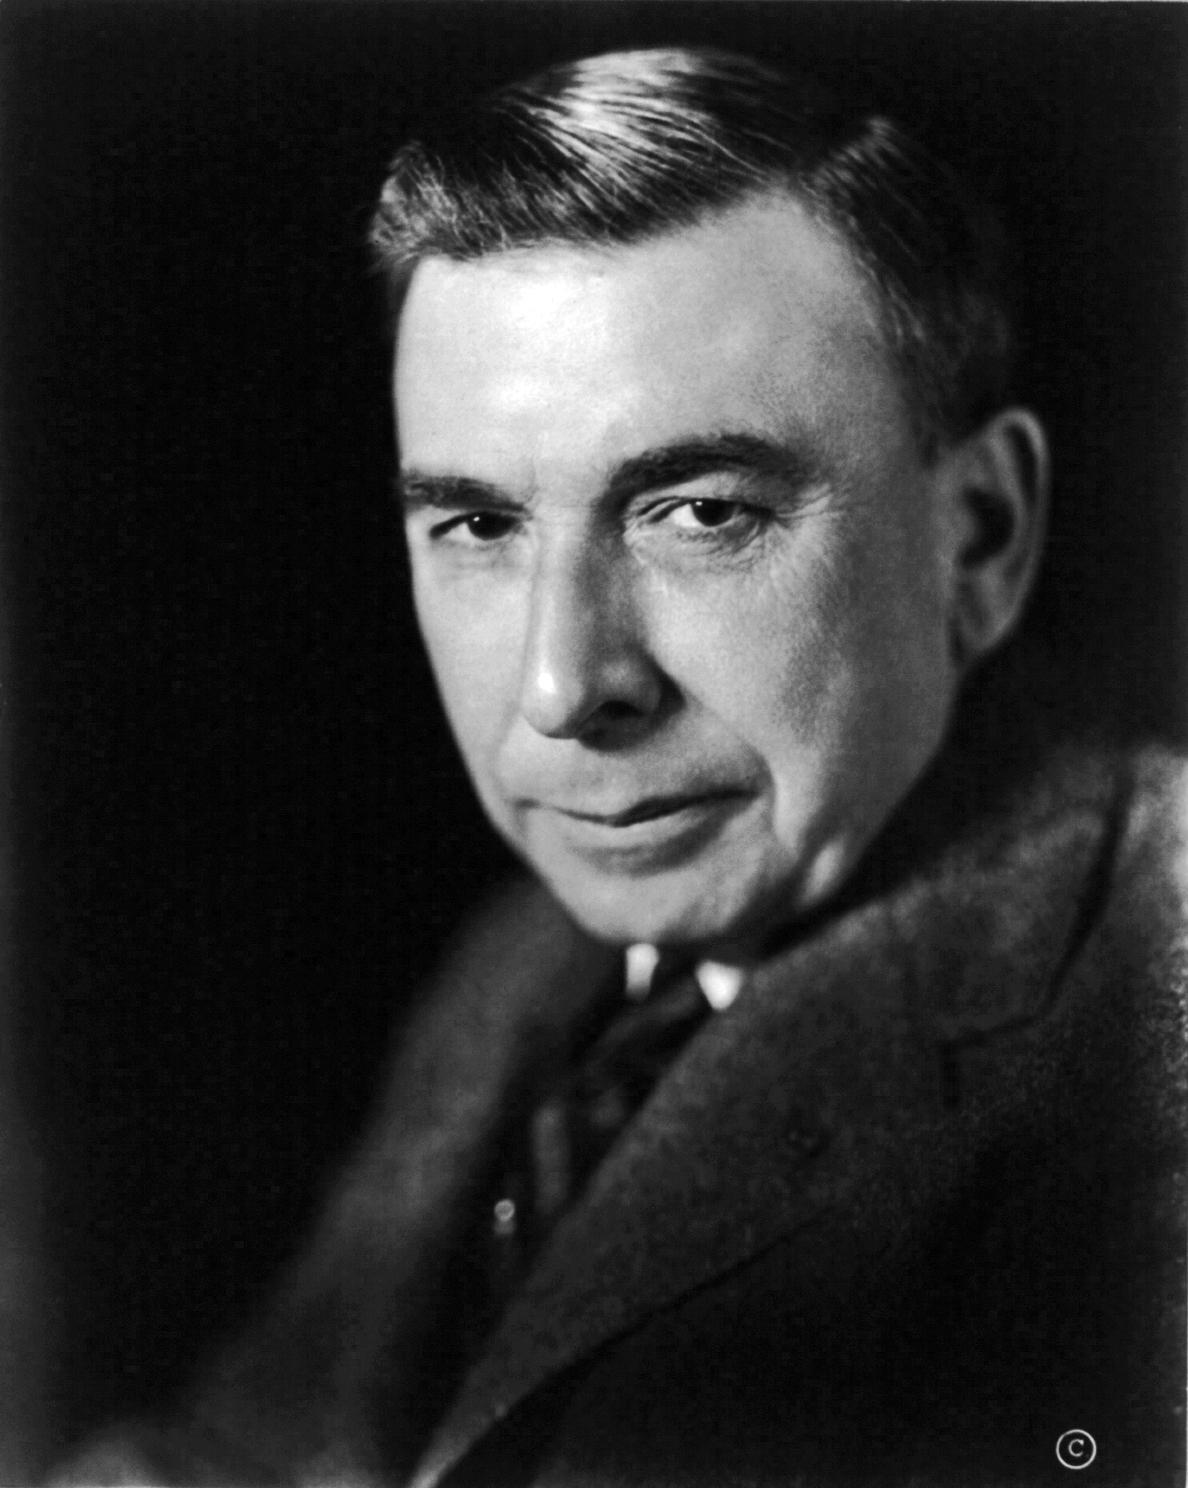 Booth Tarkington (1922)